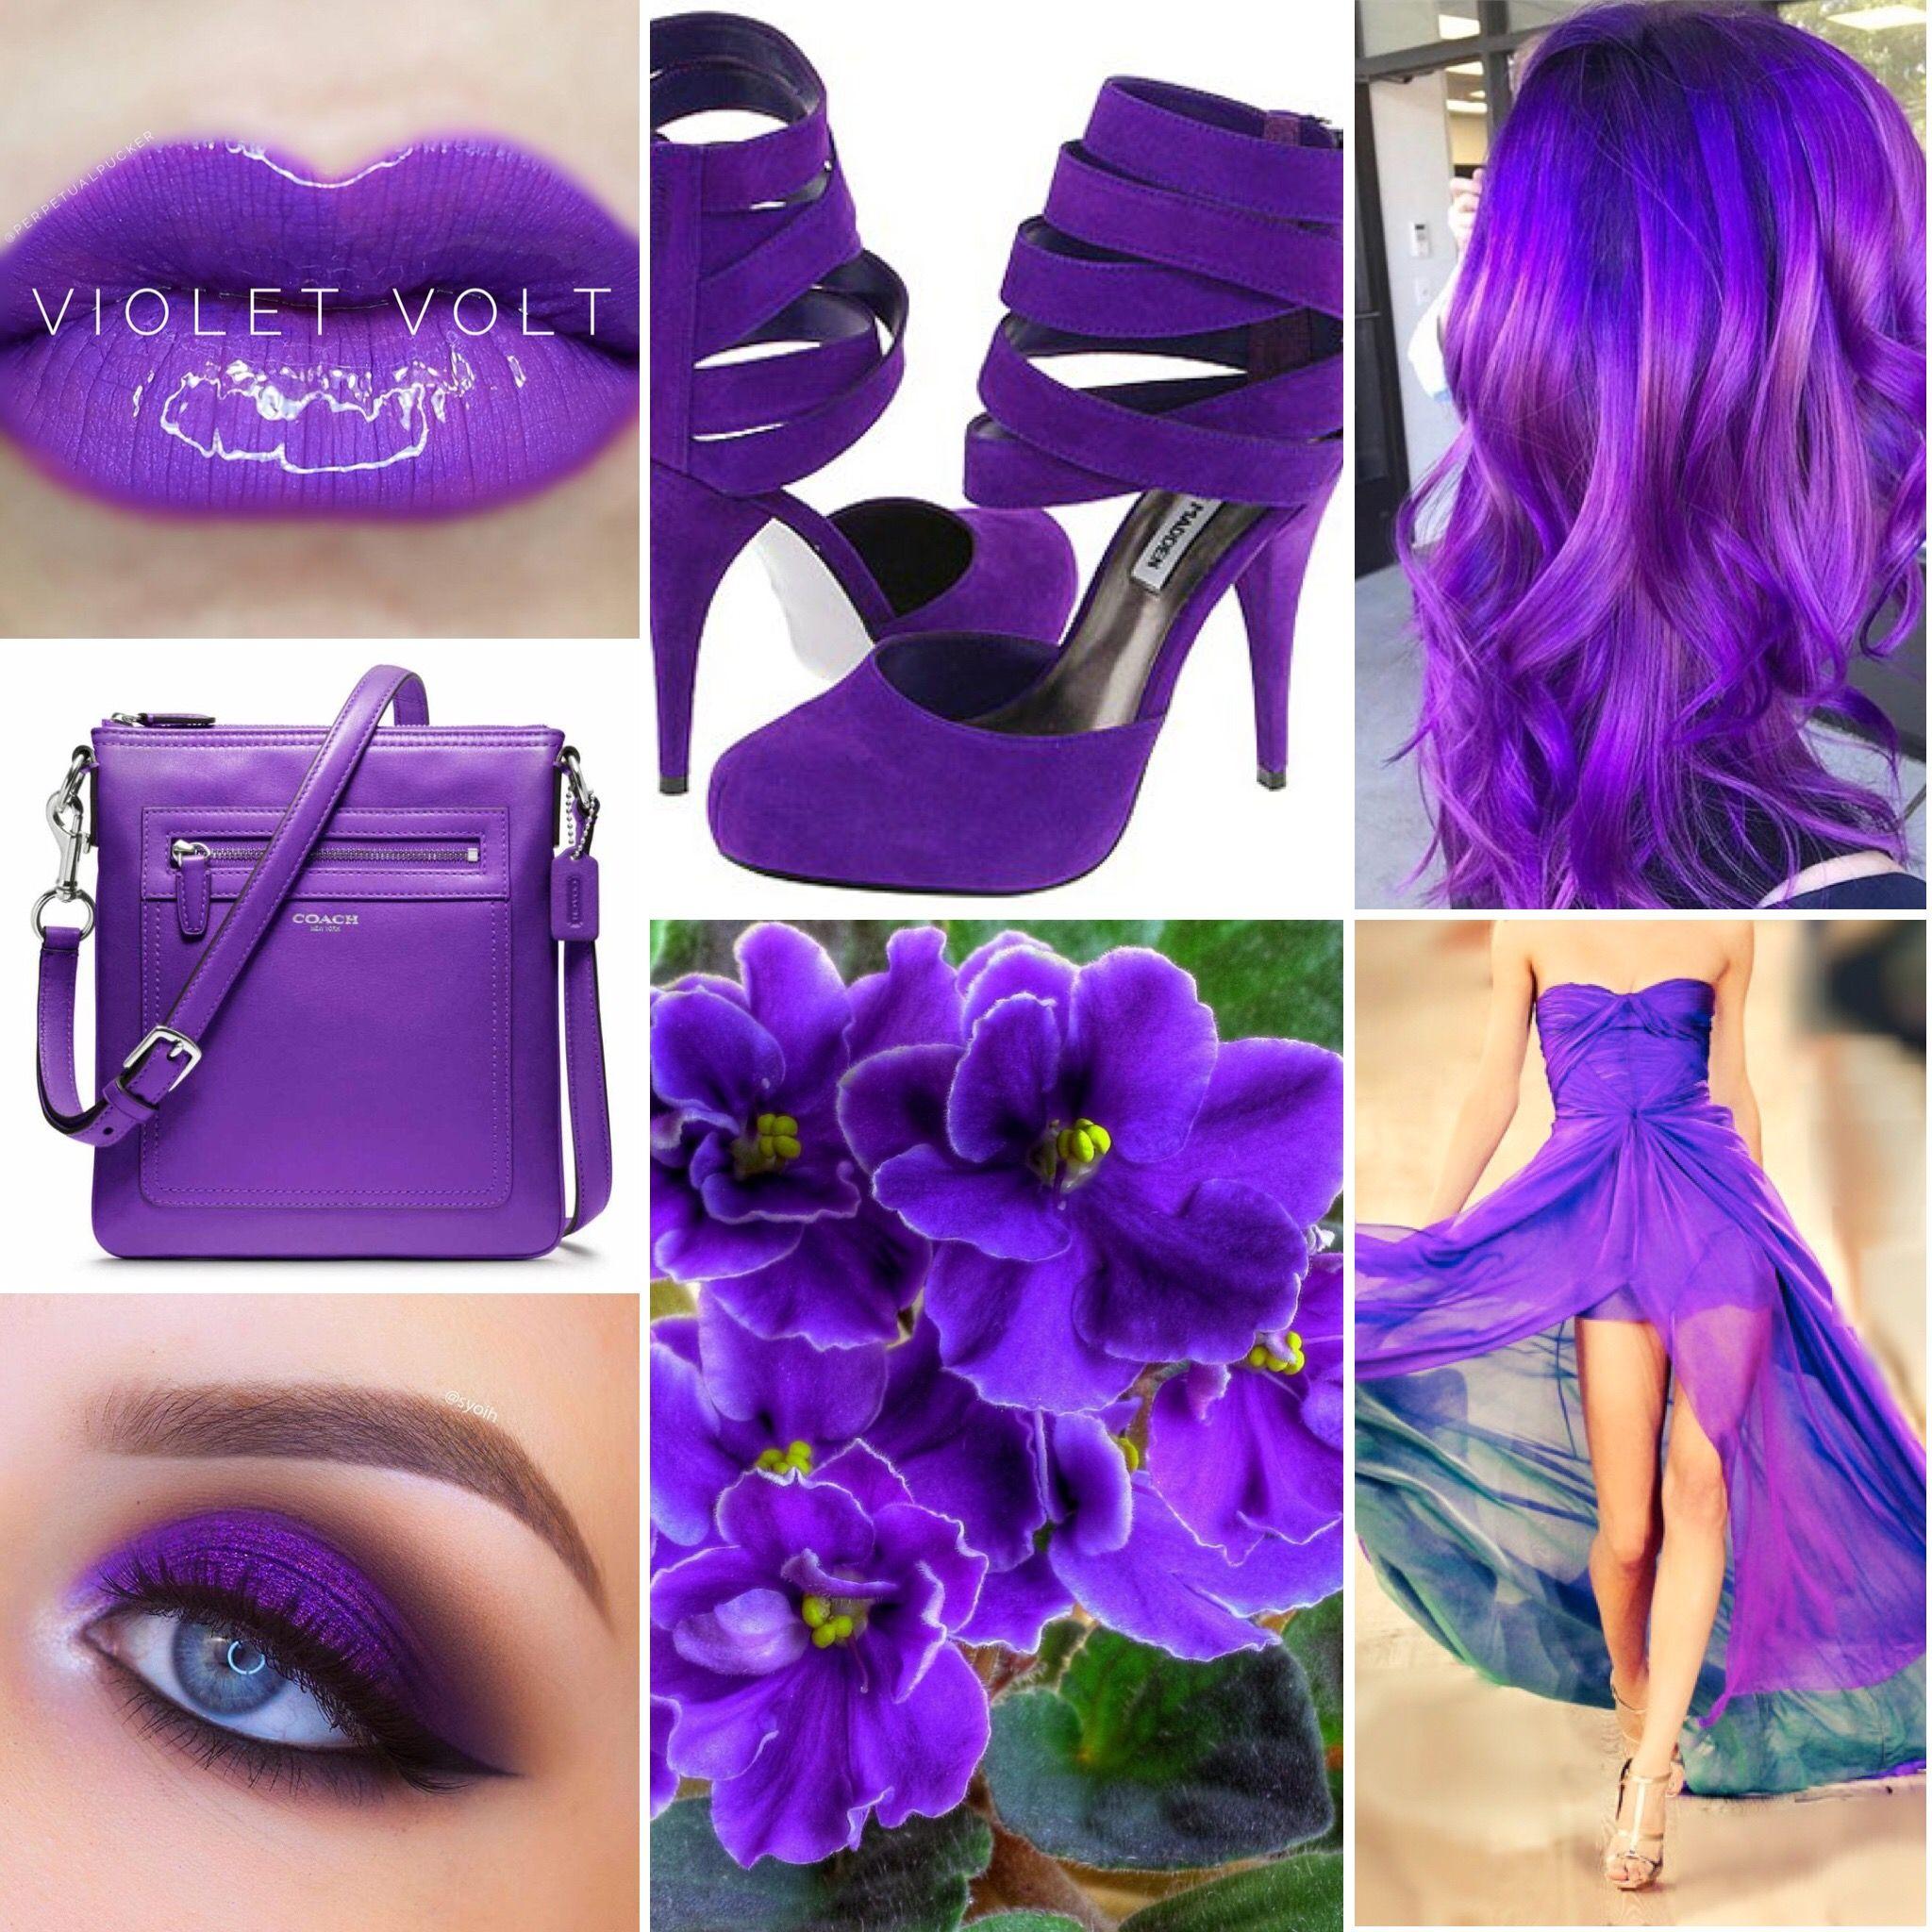 Violet Volt LipSense ️ Love Your Lips by Allison Rafie